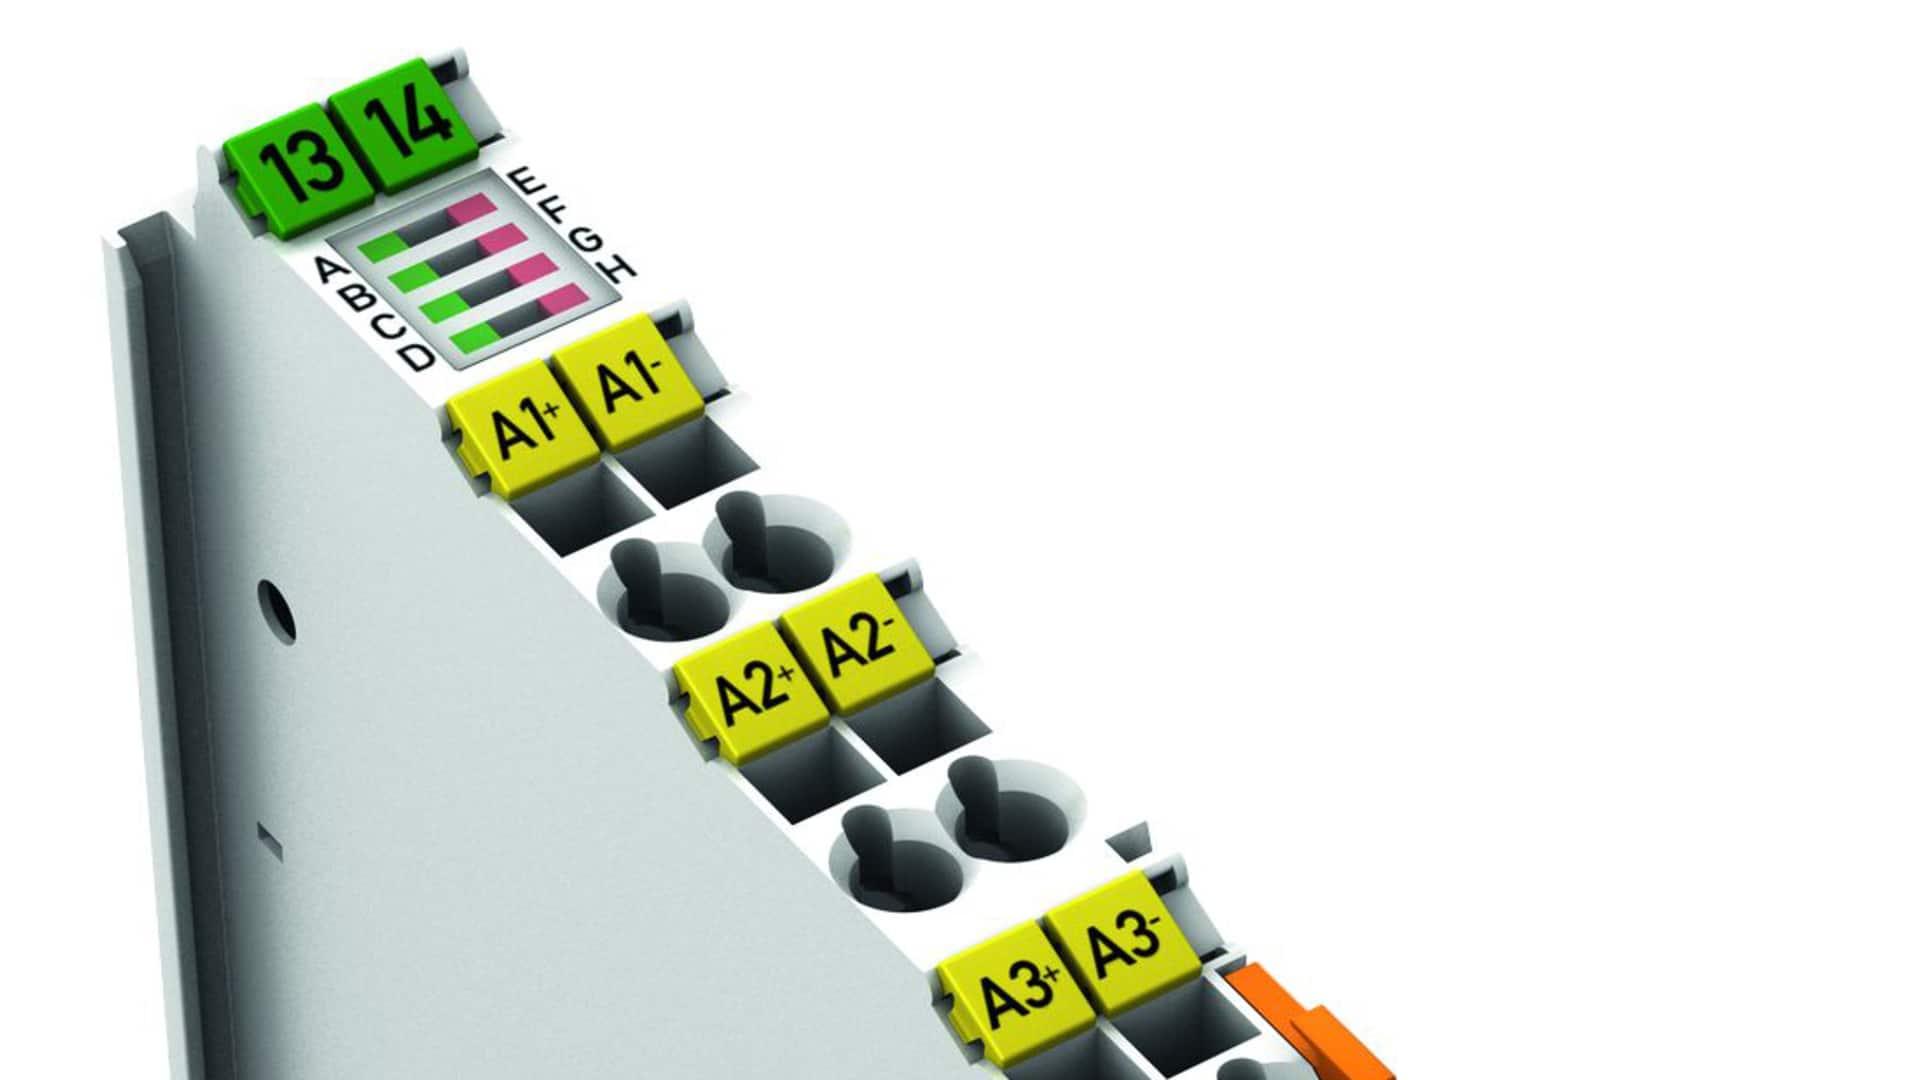 Wago: Analogmodul mit galvanisch getrennten Eingängen